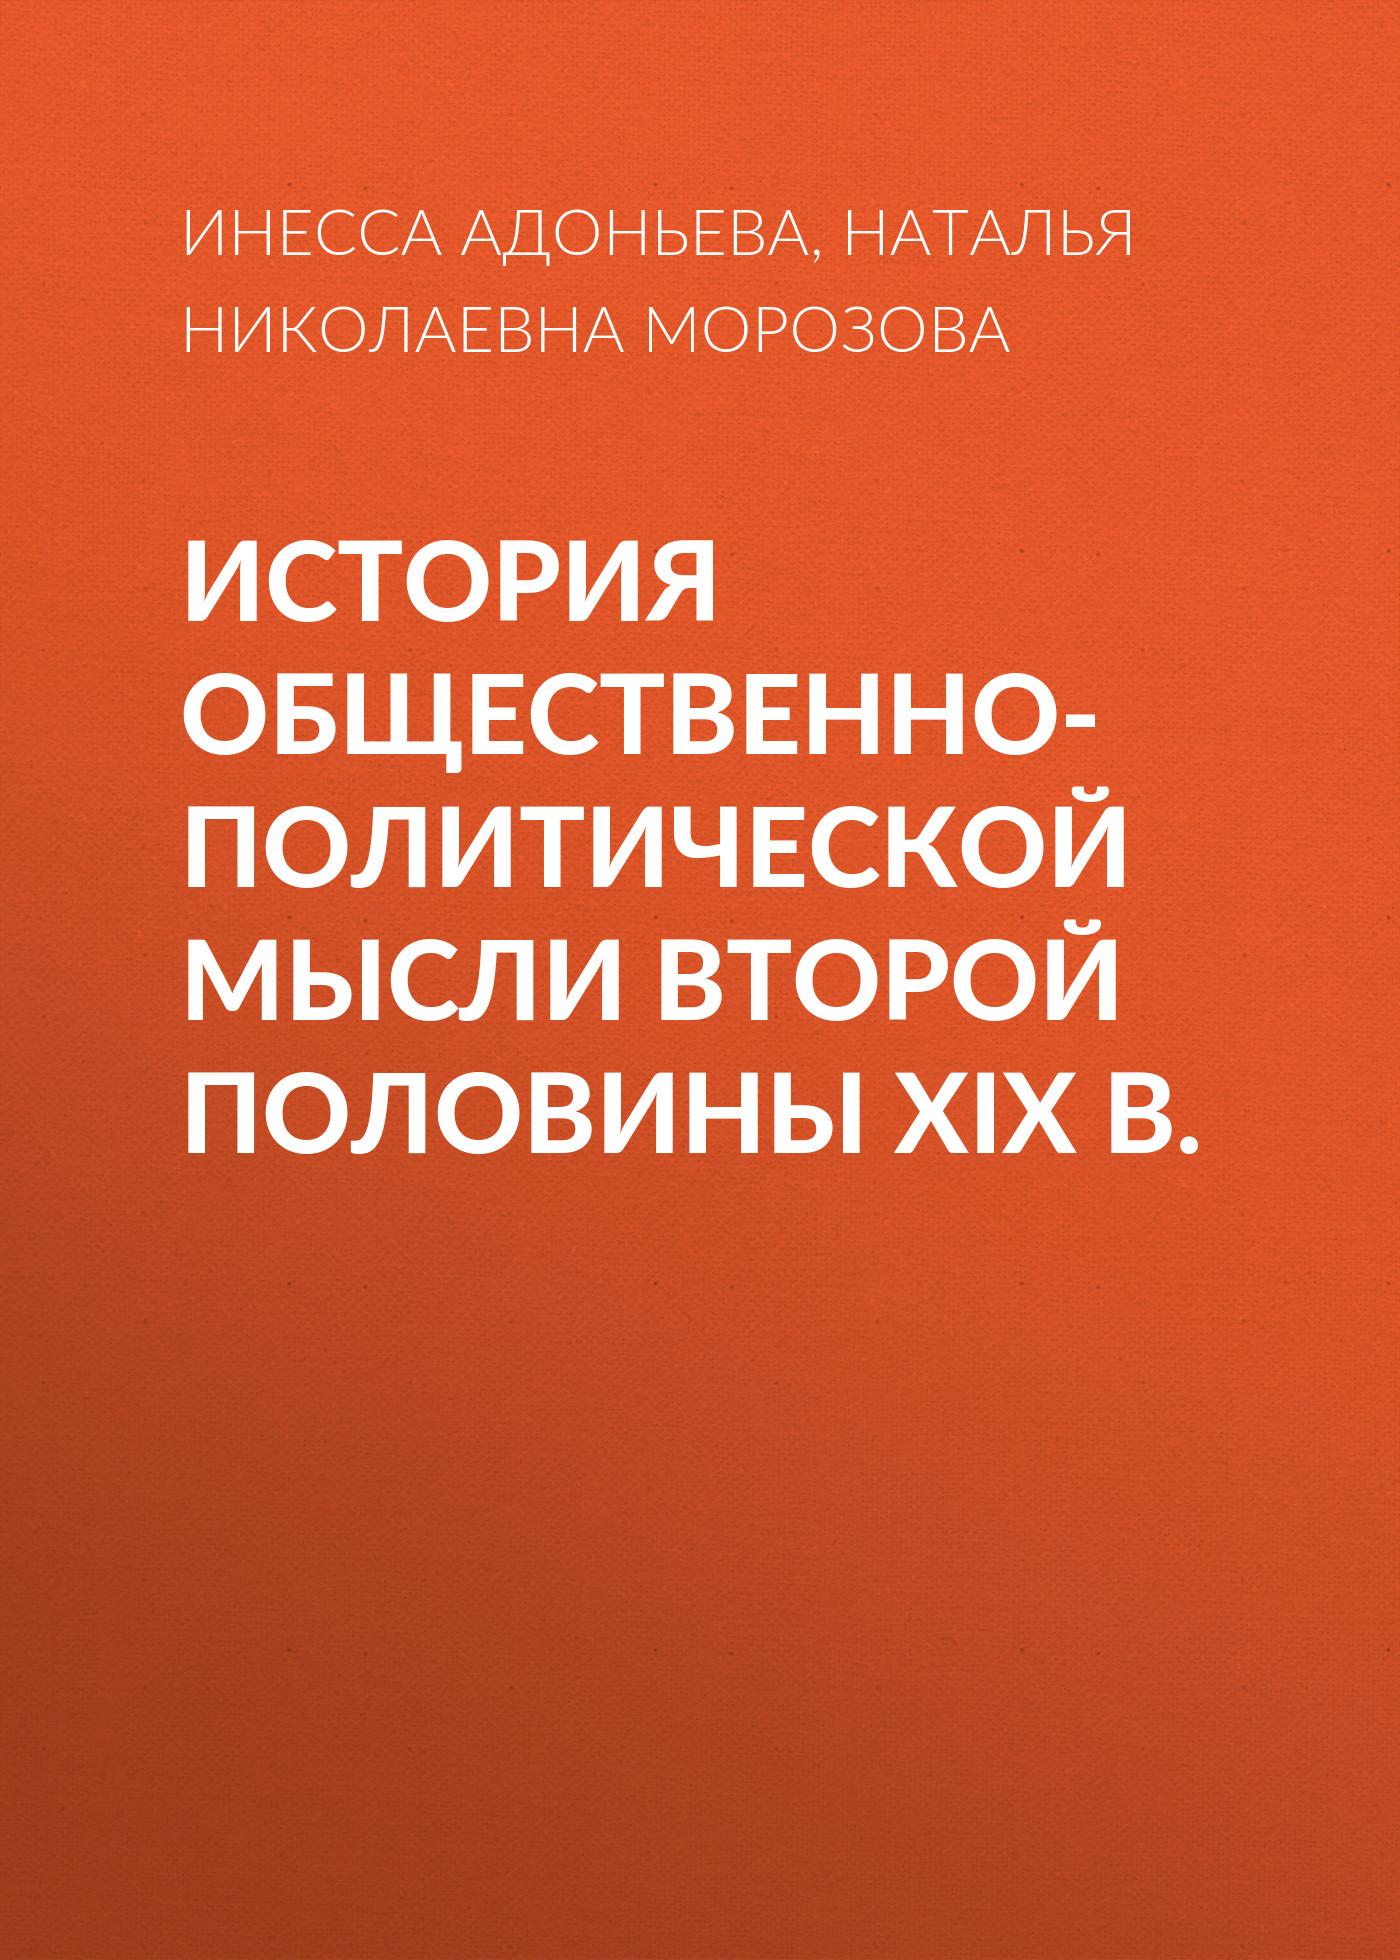 Наталья Николаевна Морозова История общественно-политической мысли второй половины XIX в.